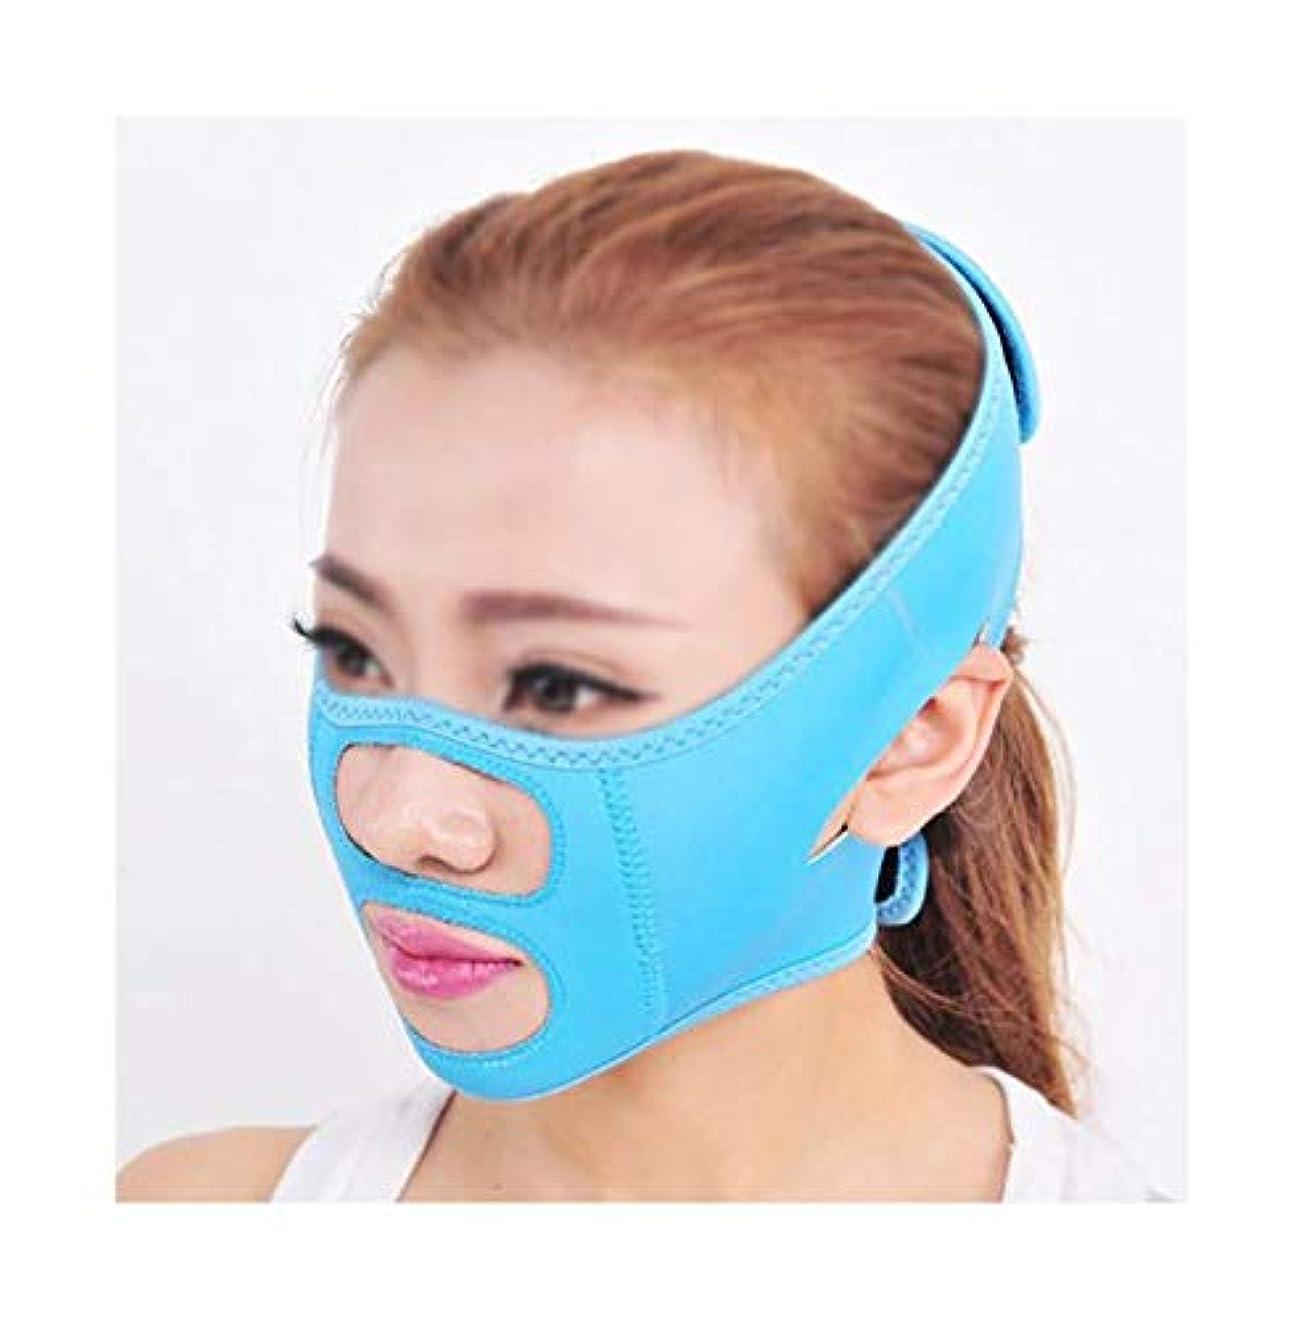 マイクロ委員長比類なきファーミングフェイスマスク、術後リフティングマスクホーム包帯揺れネットワーク赤女性Vフェイスステッカーストラップ楽器顔アーティファクト(色:青),青